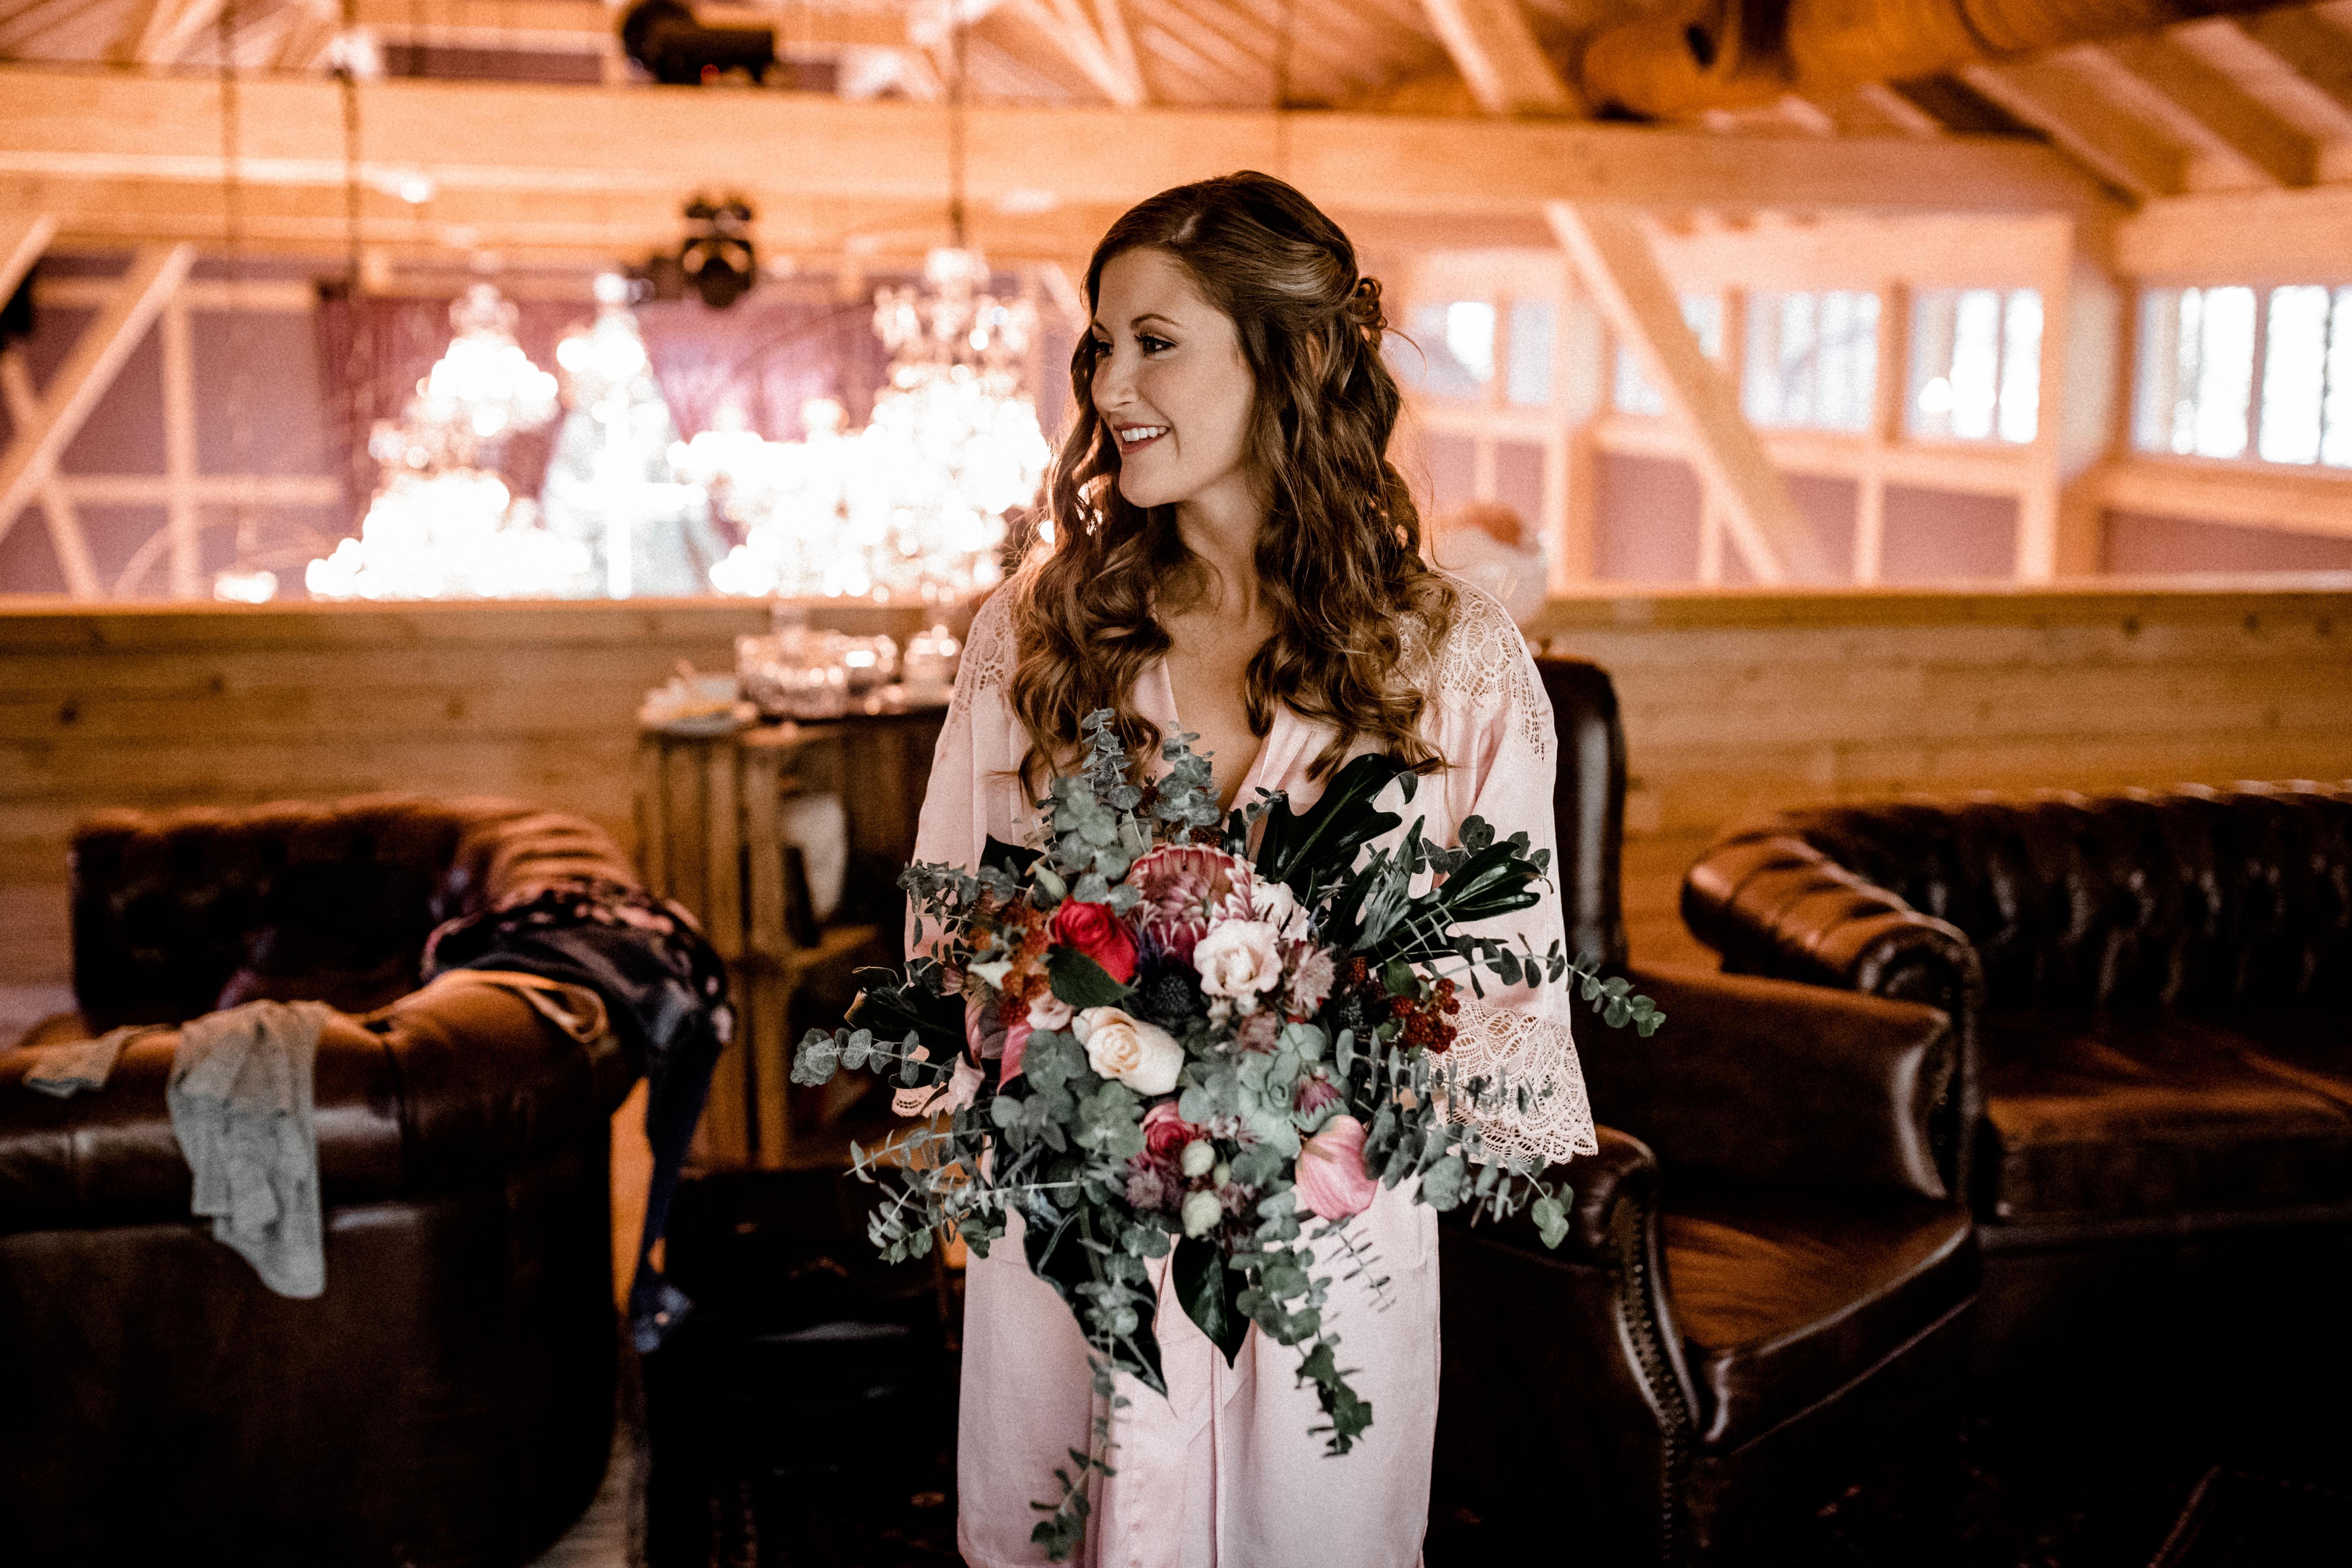 Hochzeitslocation Scheune Rossana Paul Hochzeit 2 – gesehen bei frauimmer-herrewig.de